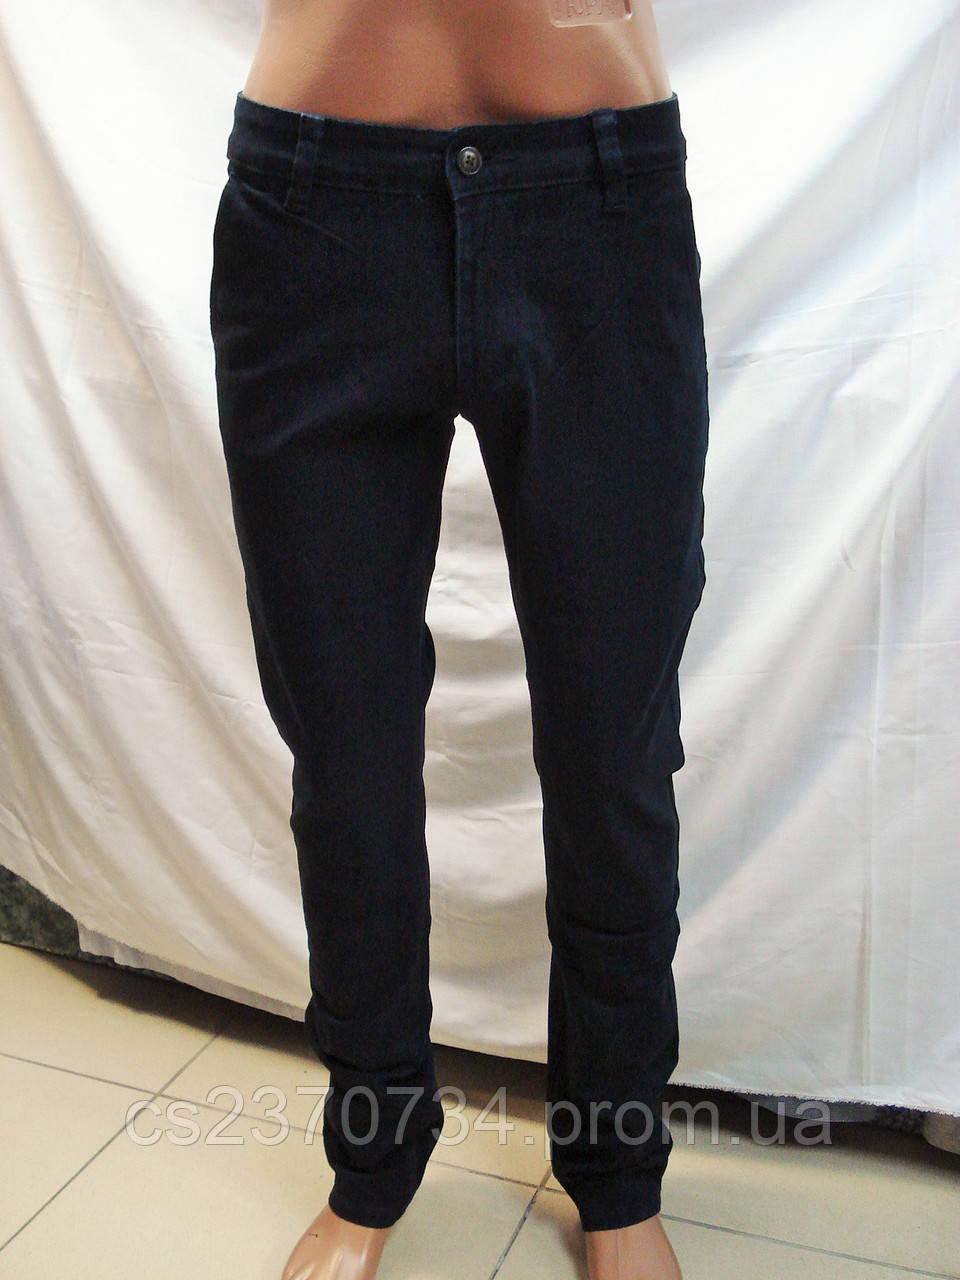 67cd074d218 Джинсы -брюки мужские 5891 для школы